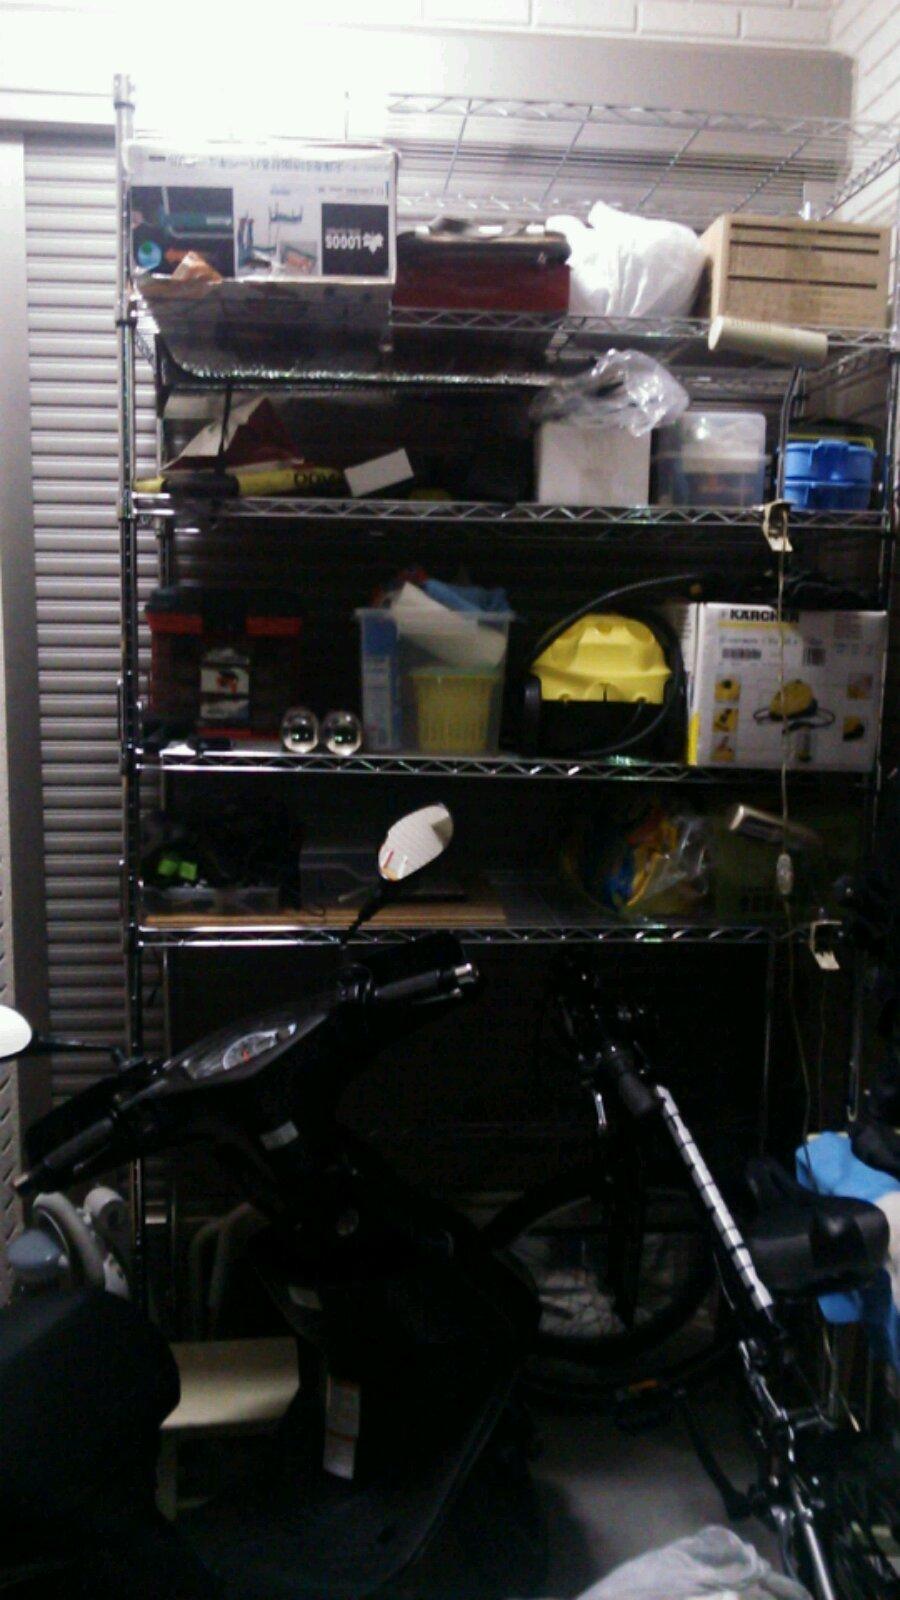 ZX-14Rの居場所のためにガレージ整理